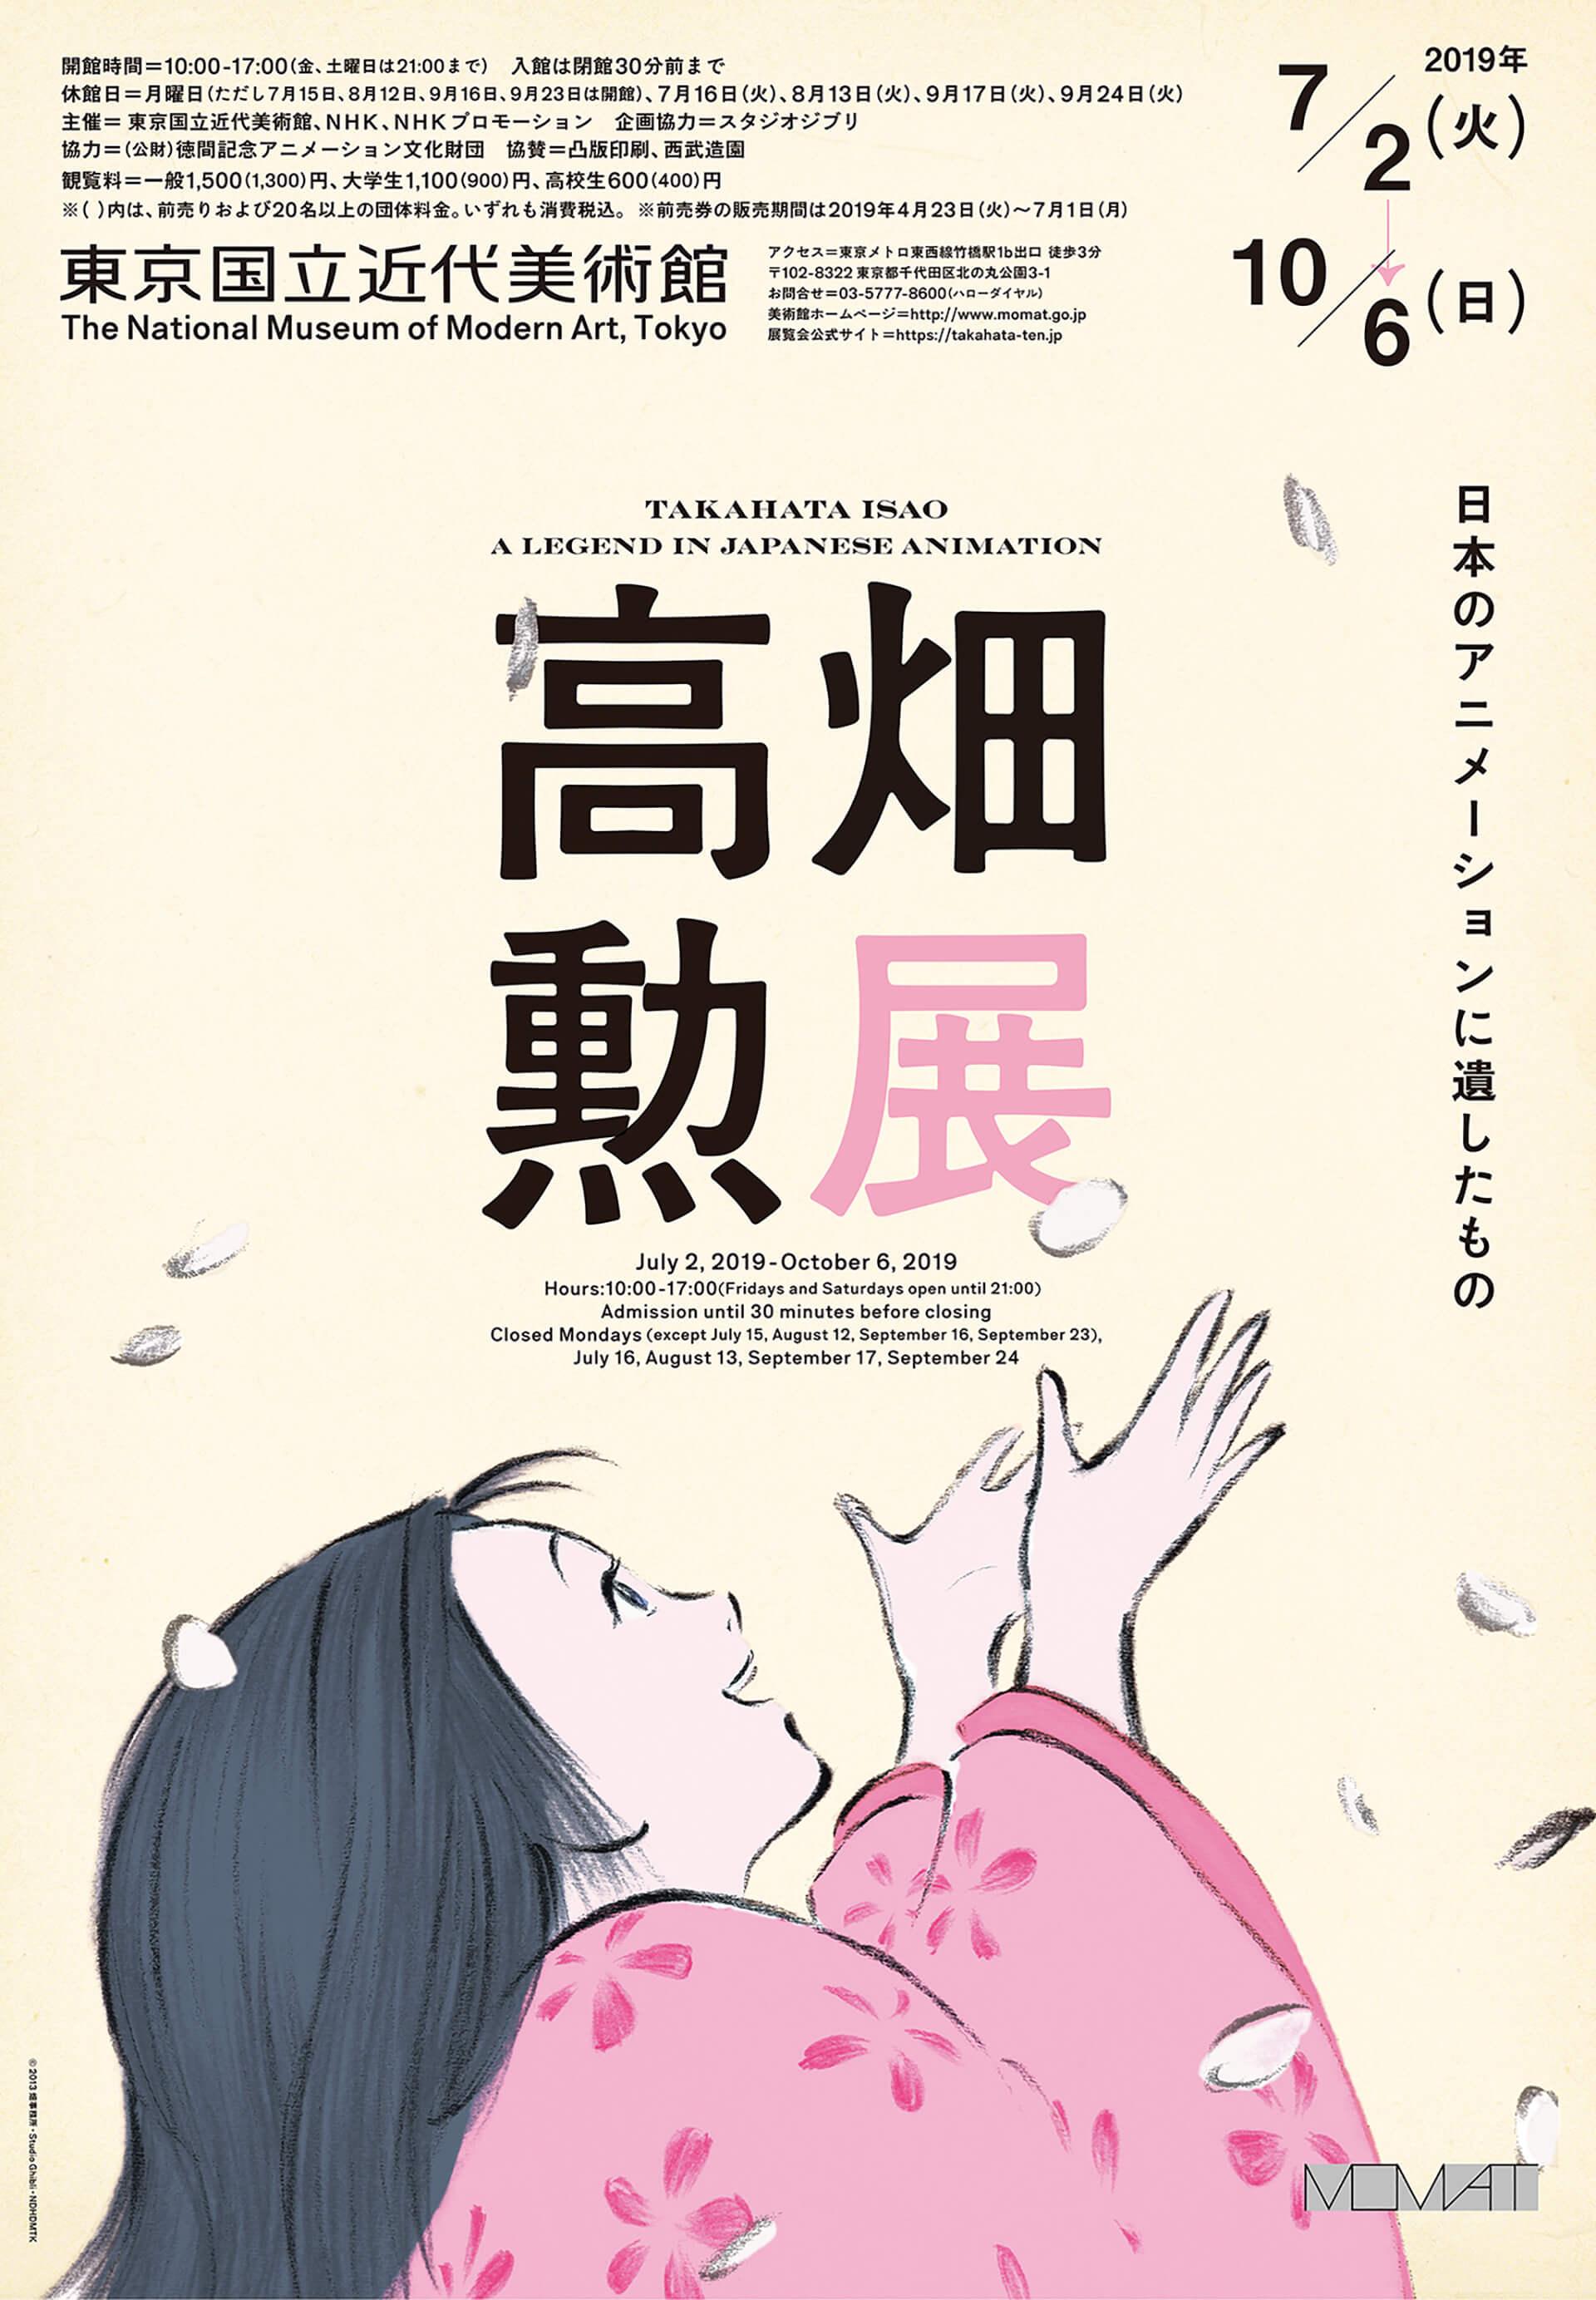 高畑勲展のメインビジュアル・かぐや姫の物語のイラスト入り